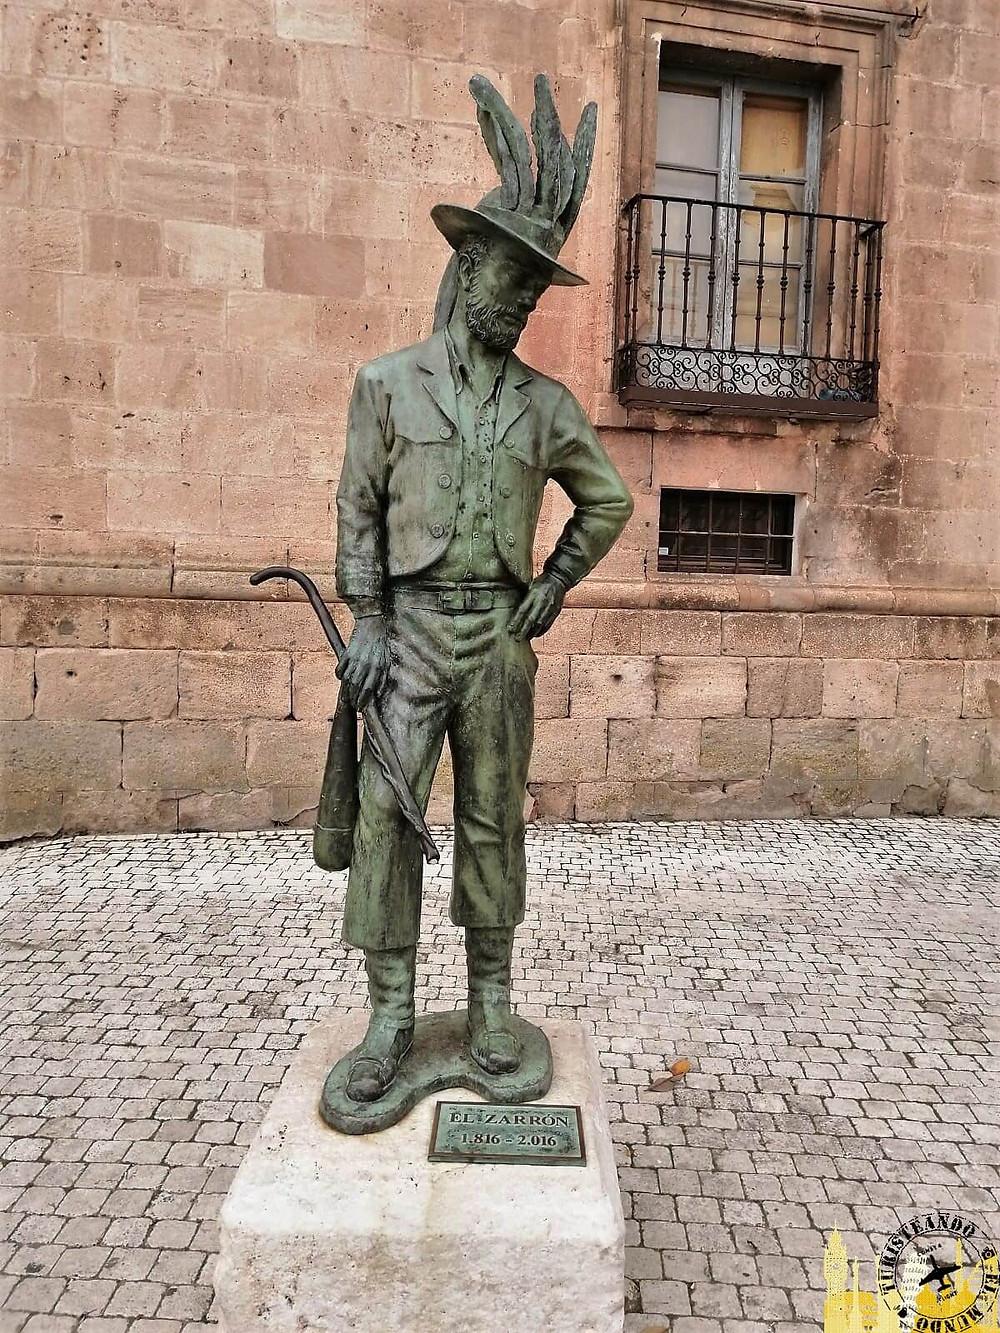 Monumento al Zarrón en Almazán (Soria). Castilla-León